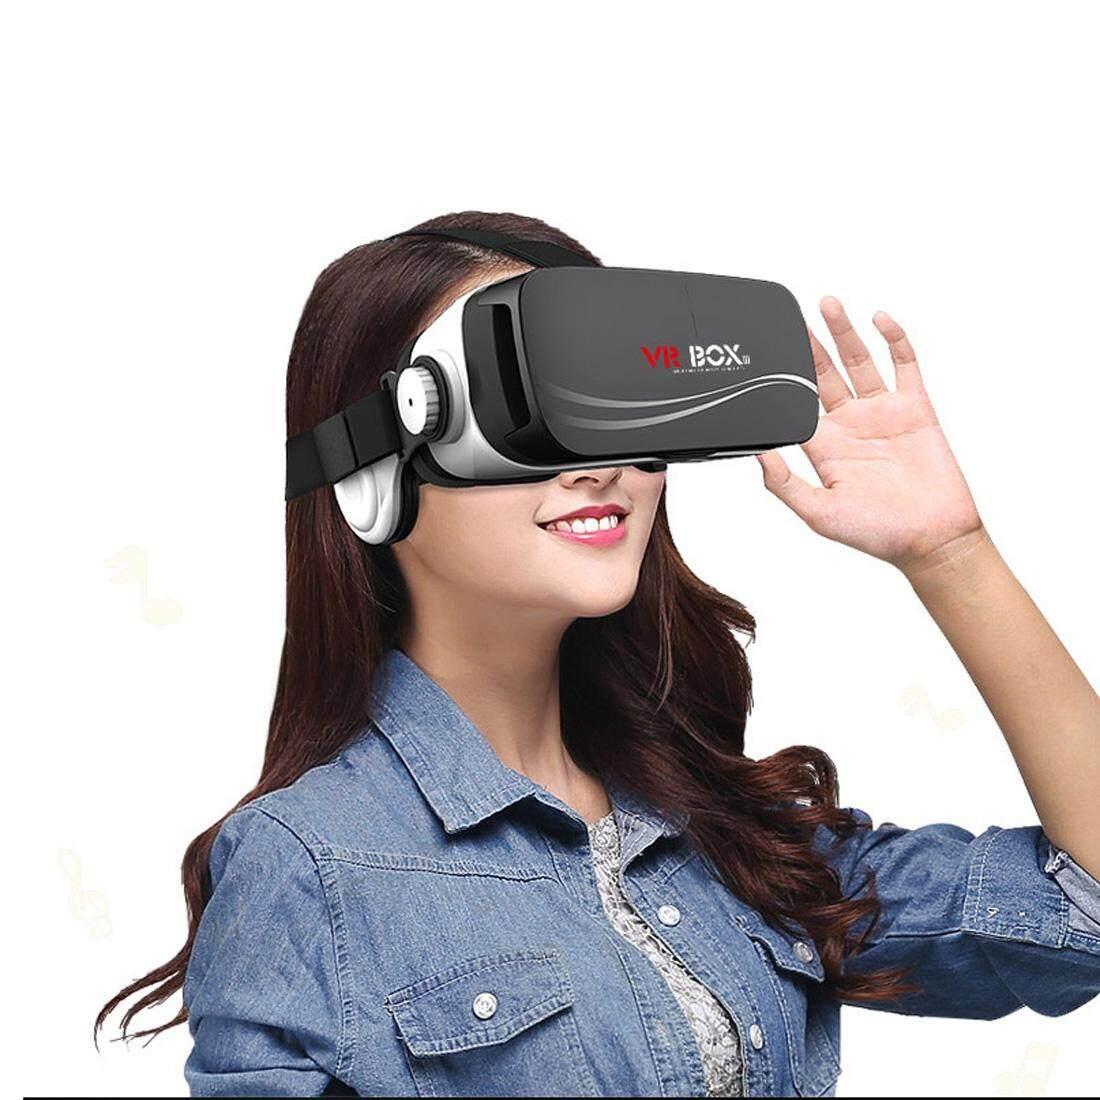 Hình ảnh VR BOX III Cú Kính Thực Tế Ảo 3D Tai Nghe VR Box Video cho iPhone, Samsung Huawei, xiaomi năm 4.5 inch-5.5 inch Android và iOS và Windows Điện Thoại Thông Minh-quốc tế